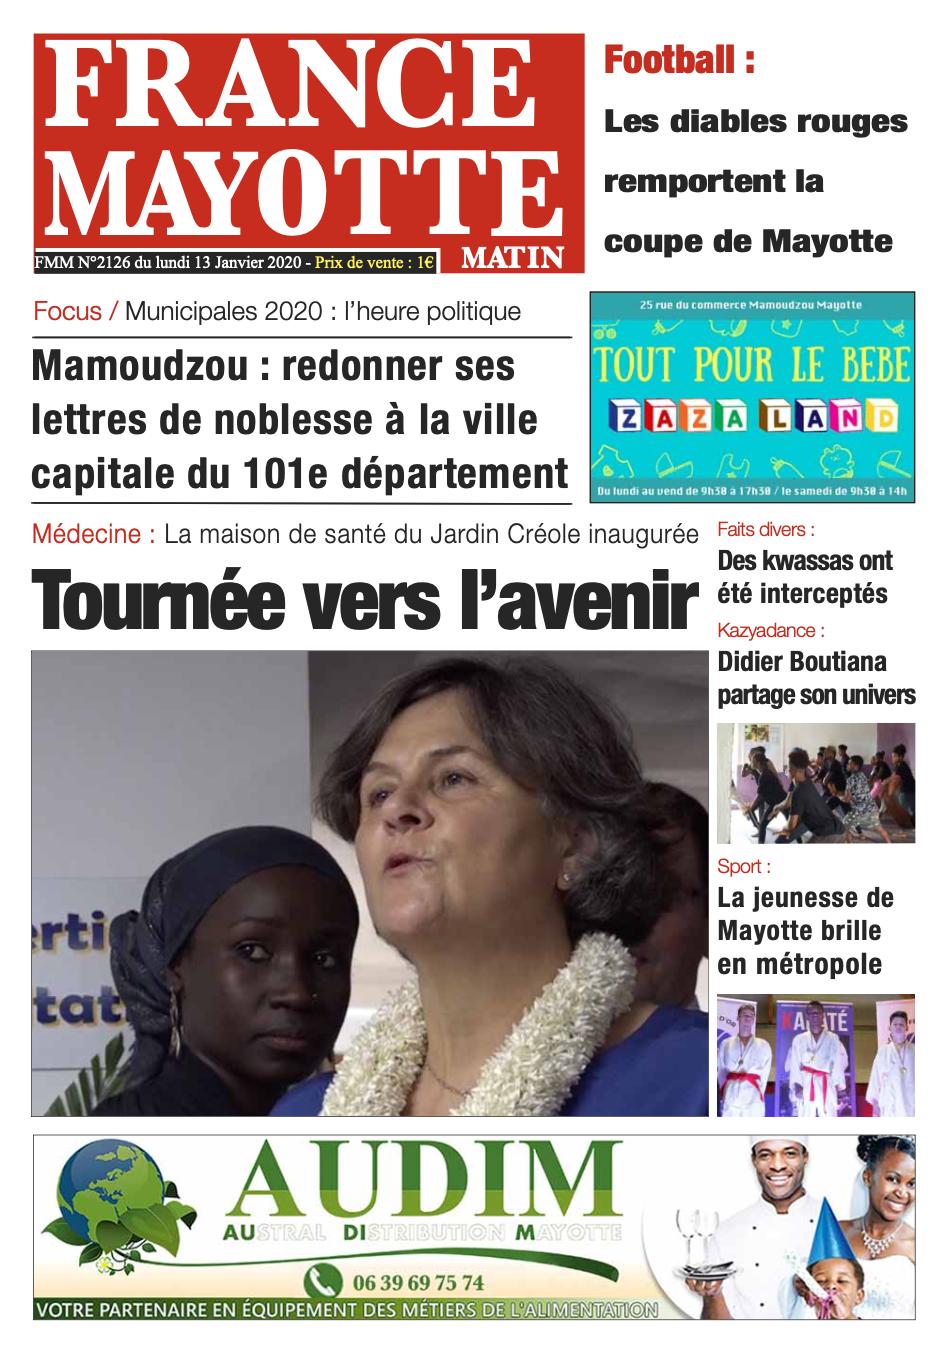 France Mayotte Lundi 13 janvier 2020